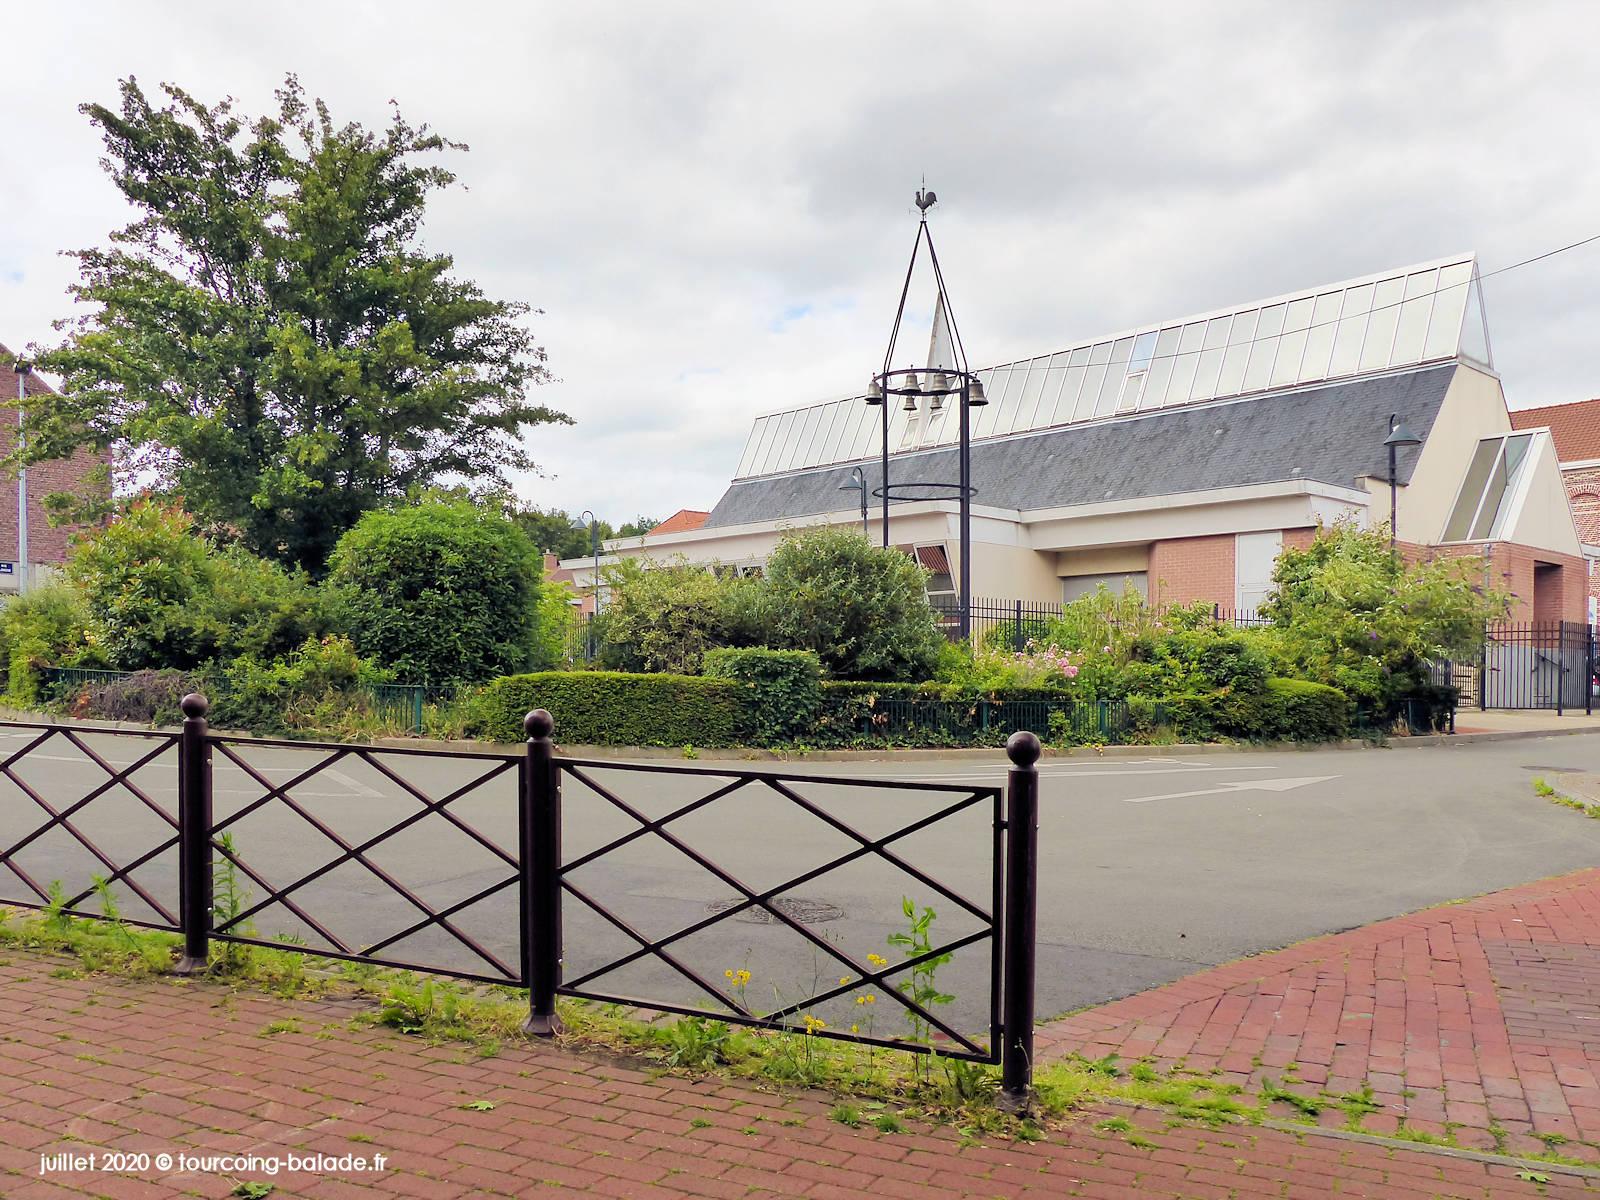 Parvis de l'église St Joseph, Tourcoing 2020